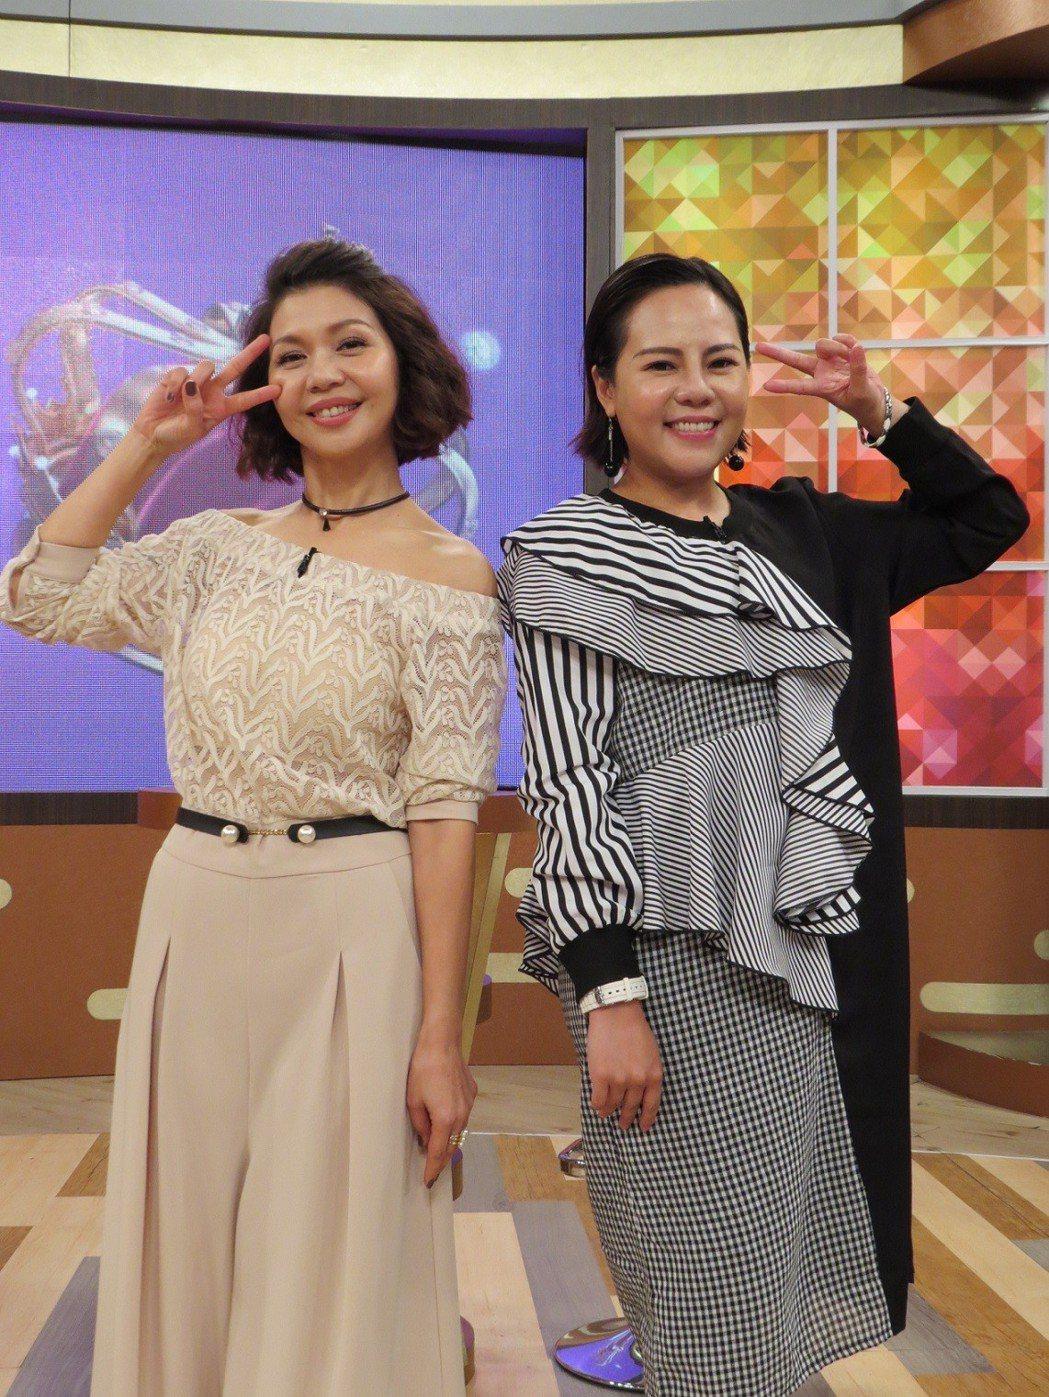 于子育(左)和錦雯上「一袋女王」爆料昔日糗事。圖/衛視中文台提供